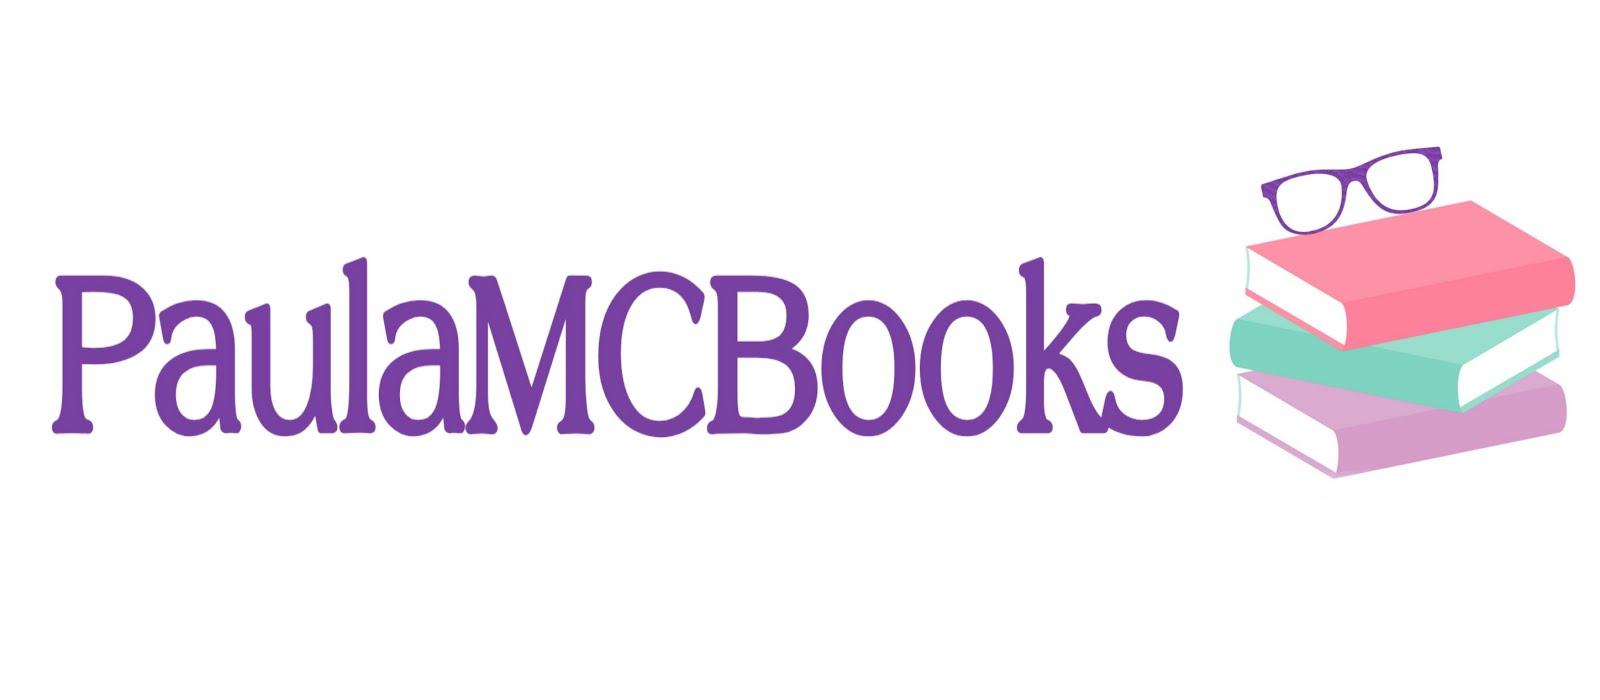 PaulaMCBooks